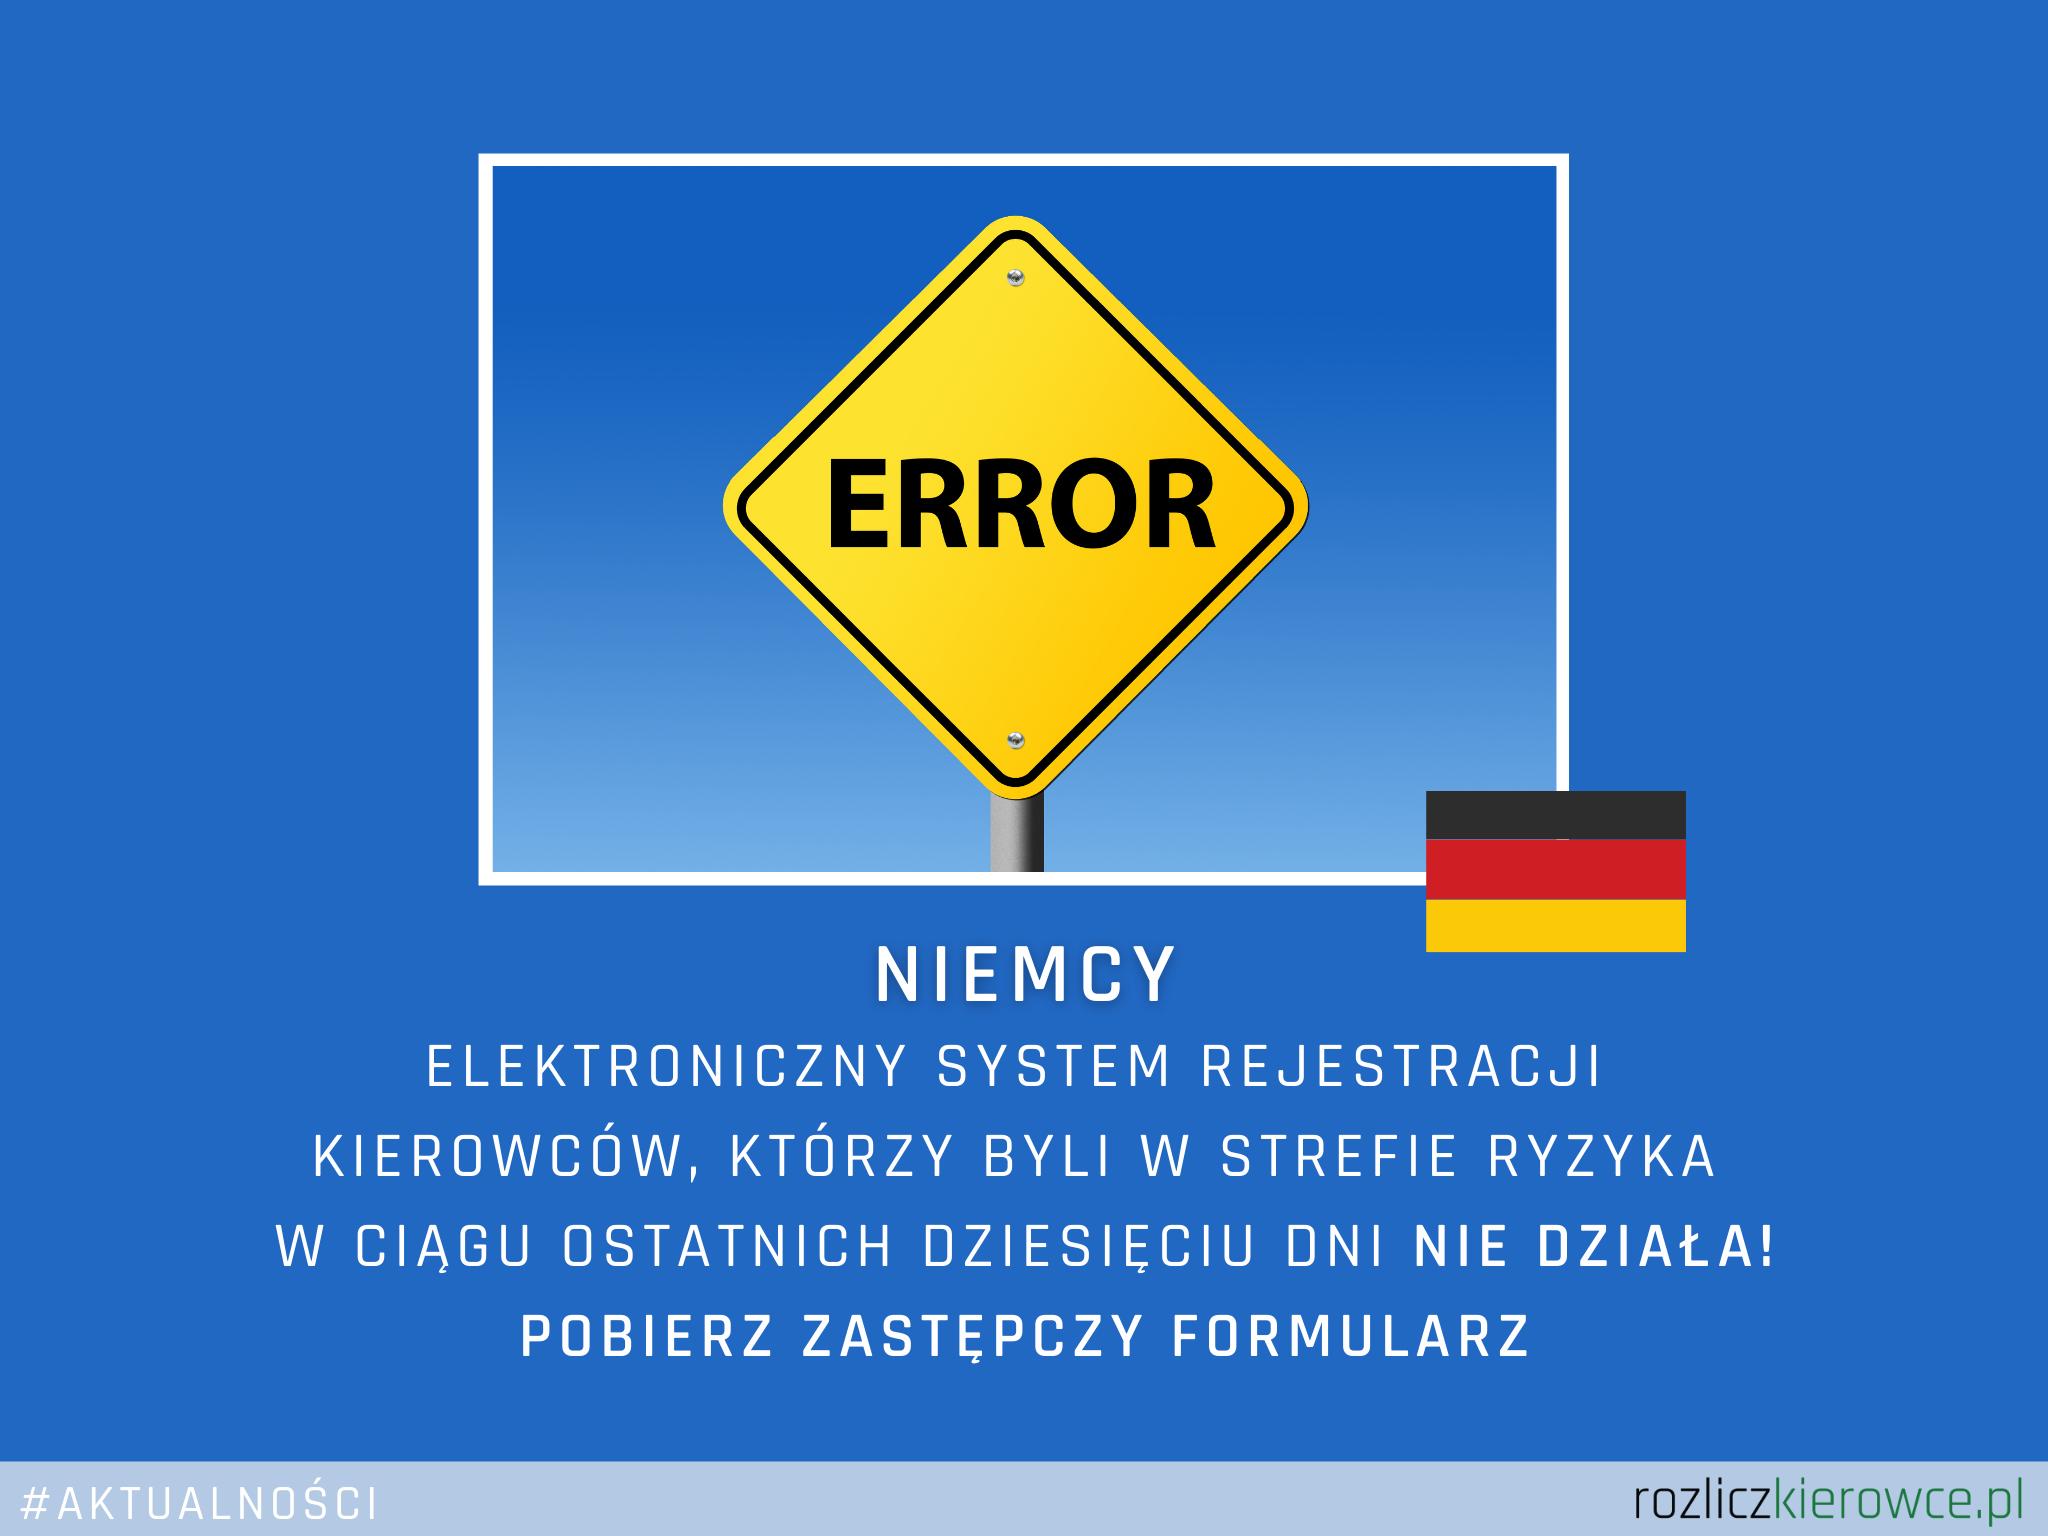 ❗️🇩🇪NIEMCY-Elektroniczny system rejestracji kierowców, którzy byli w strefie ryzyka w ciągu ostatnich dziesięciu dni nie działa!